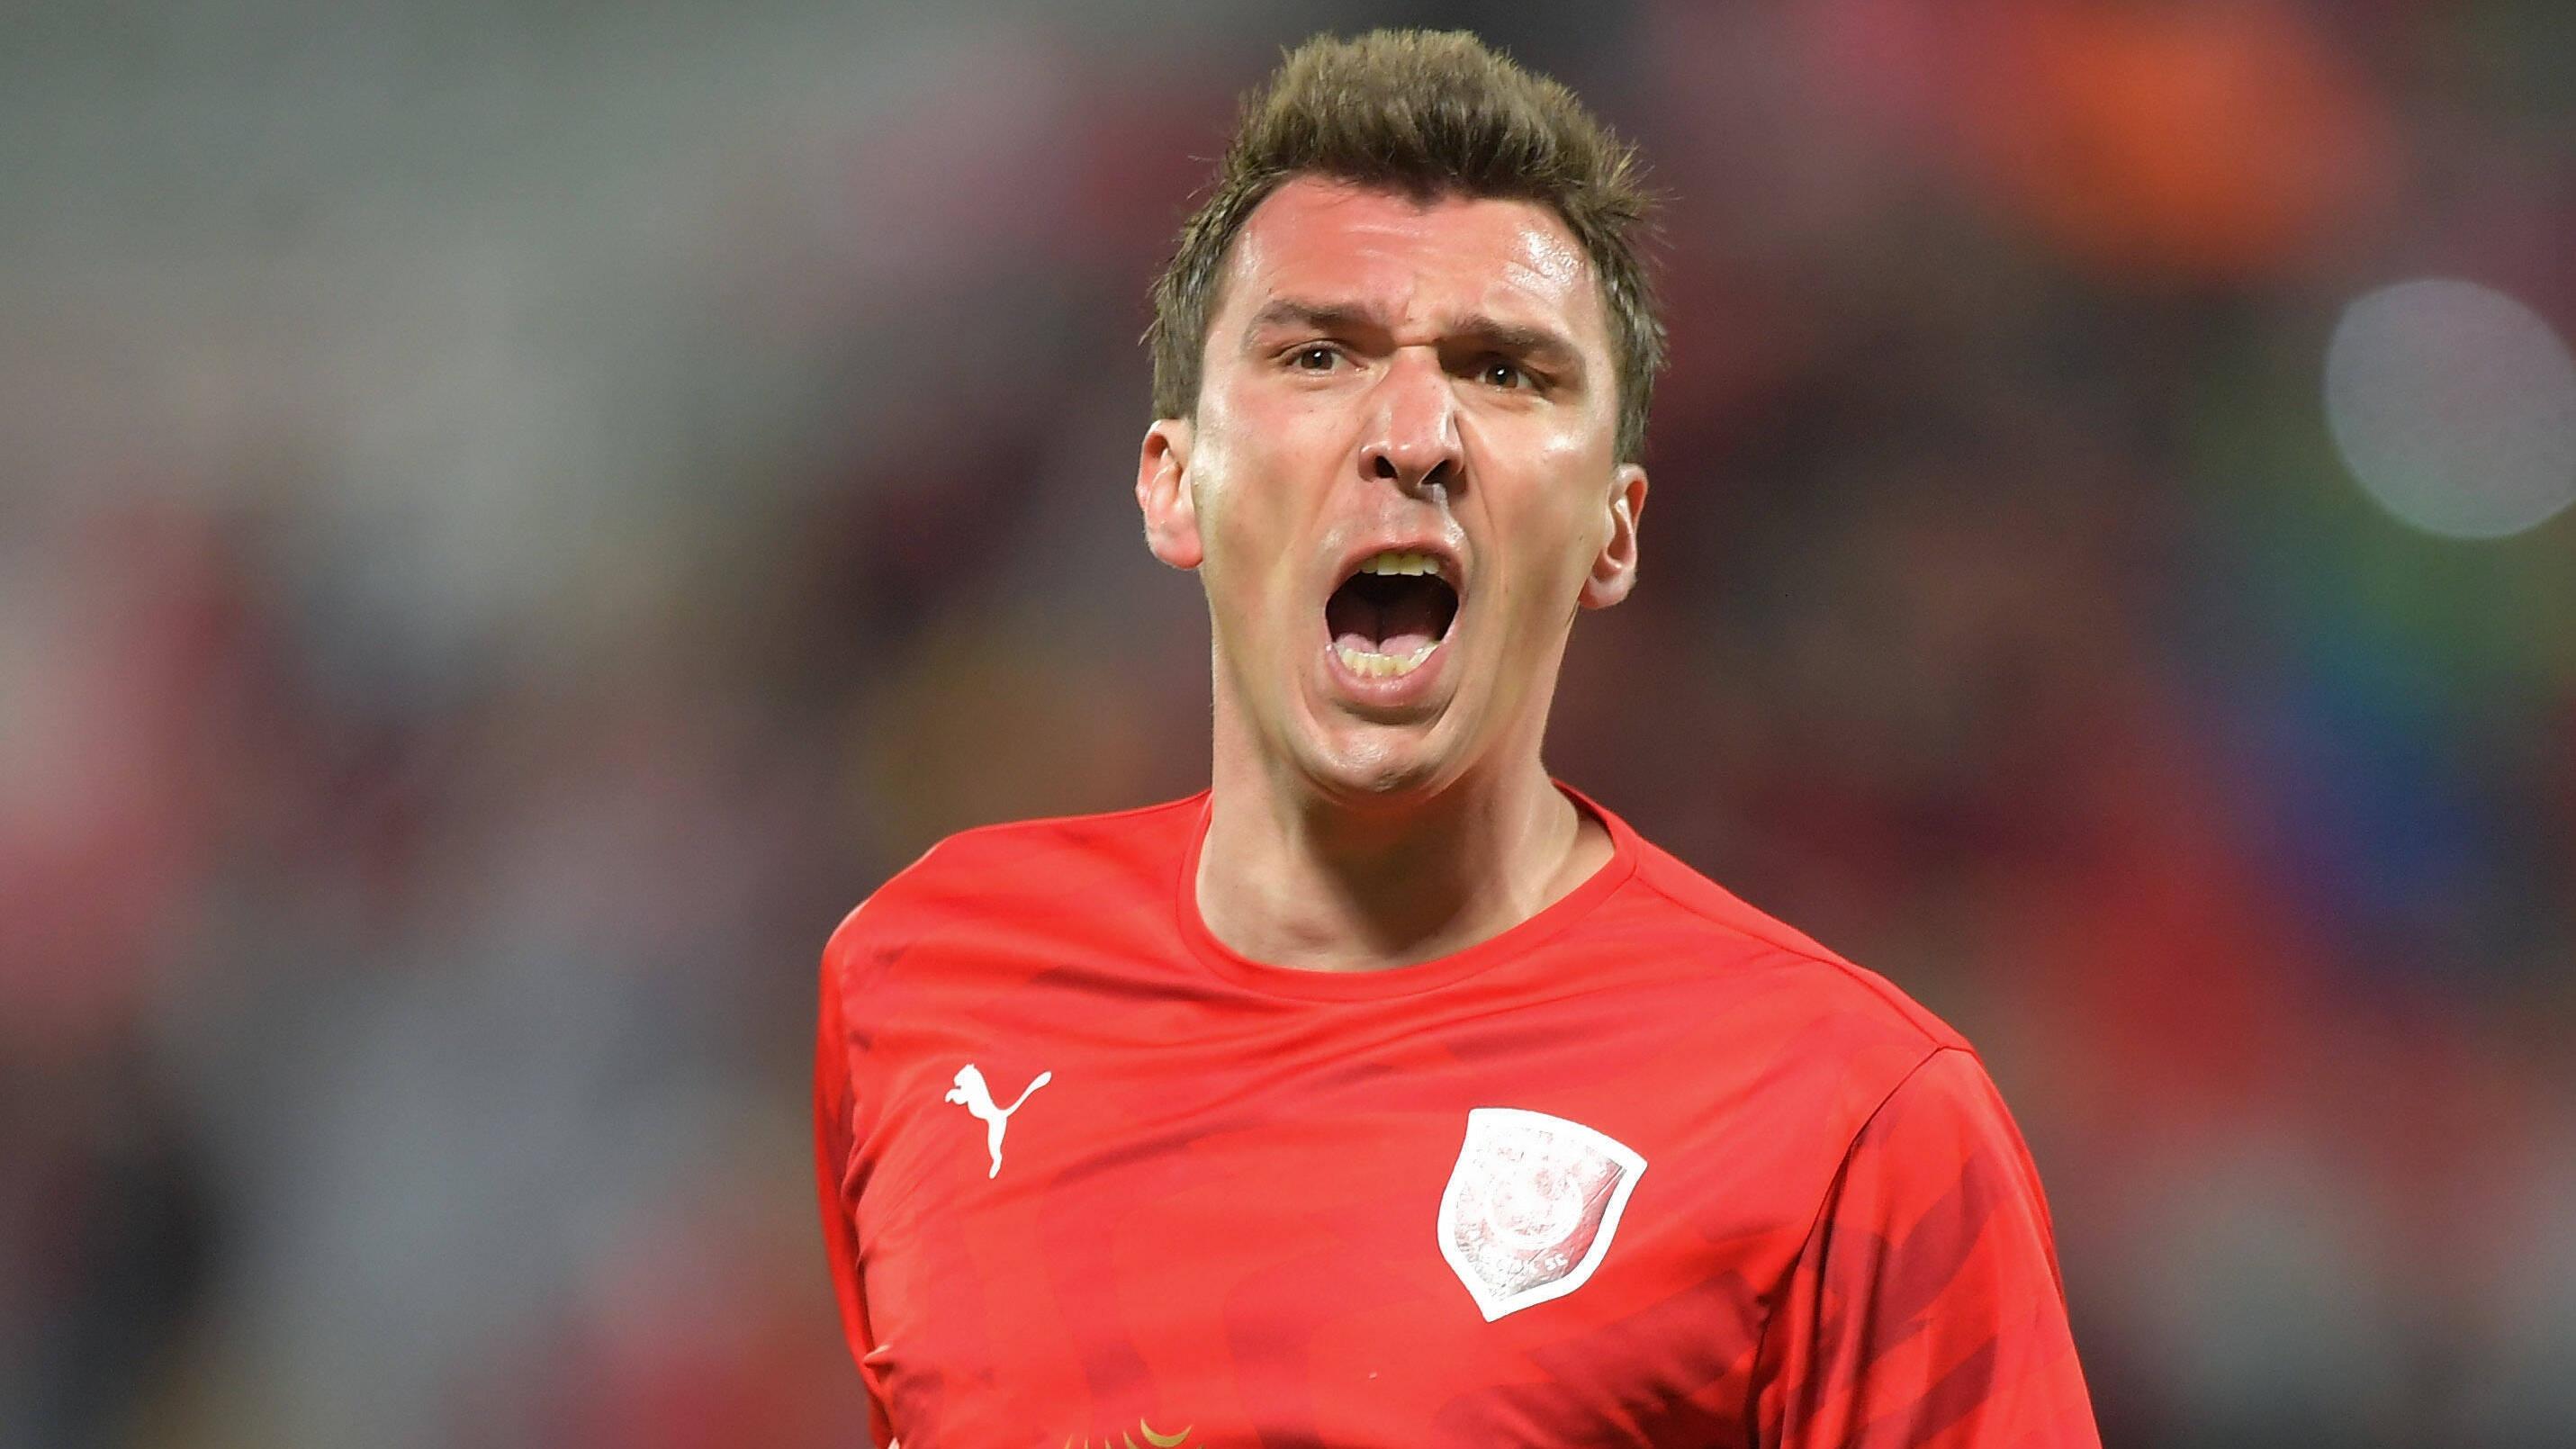 Турските футболни грандове Фенербахче и Галатасарай проявяват интерес към хърватския